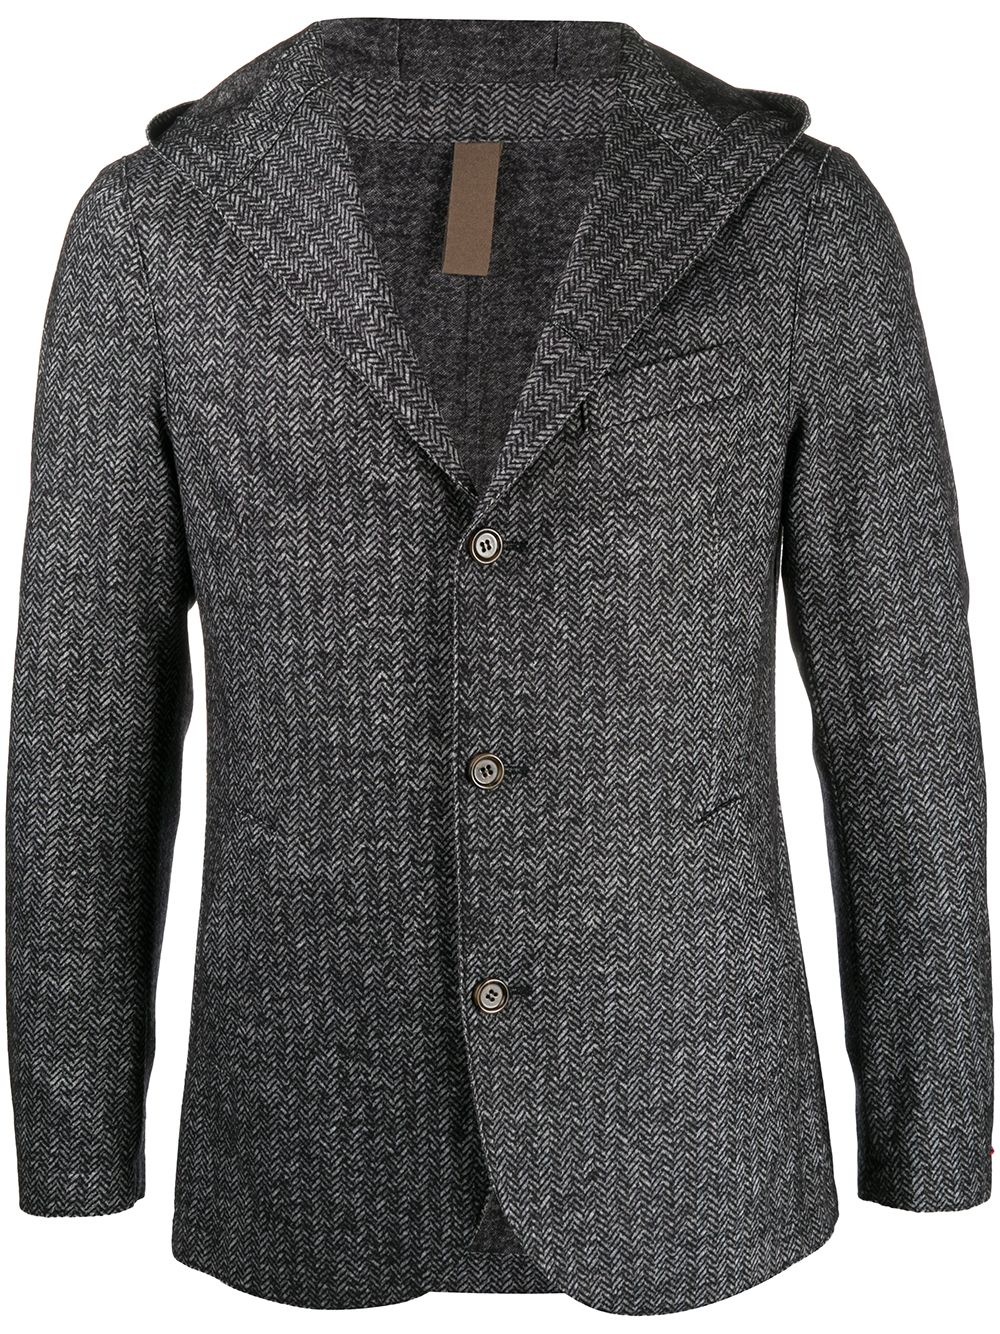 Blue wool-blend hooded knit blazer  ELEVENTY |  | B70GIAB01-TES0B11511